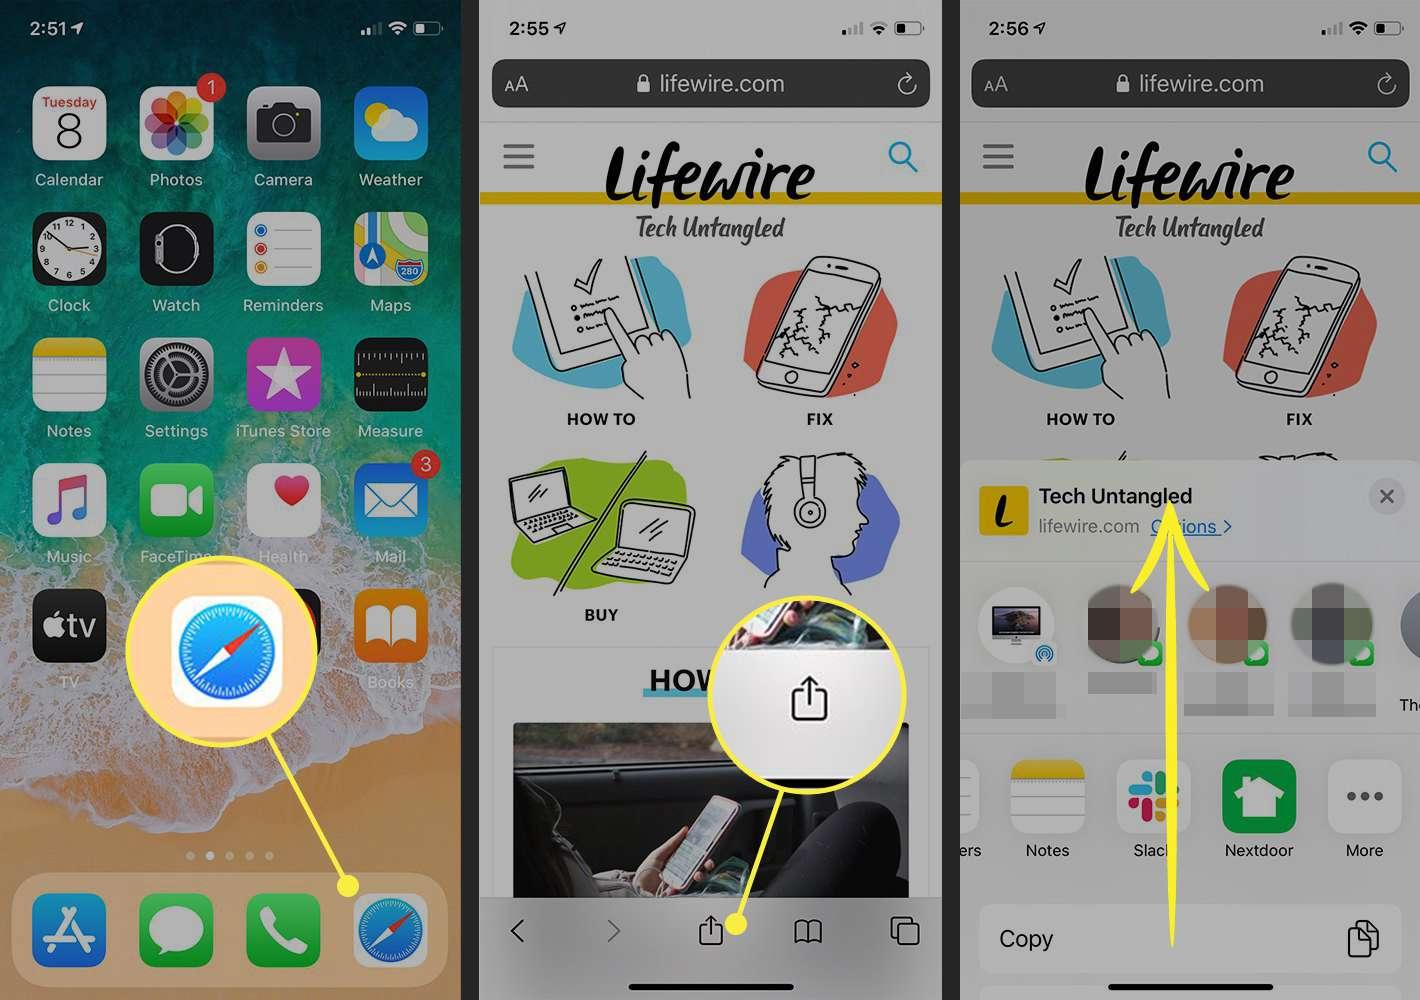 Open the sharing screen in Safari